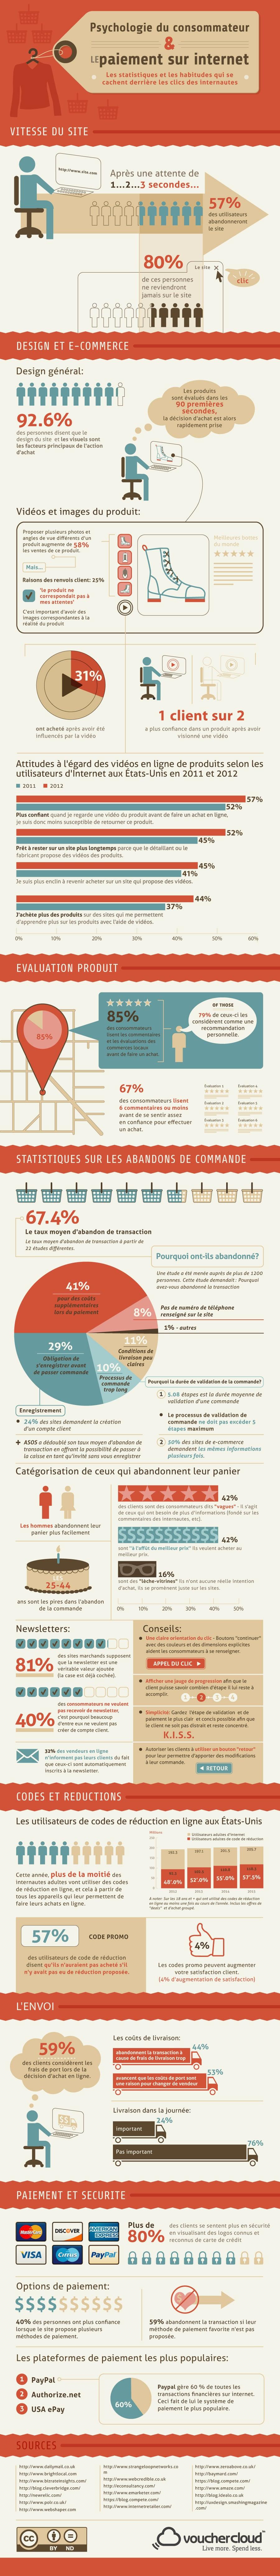 eewee-infographie-psychologie-consommateur-paiement-sur-internet